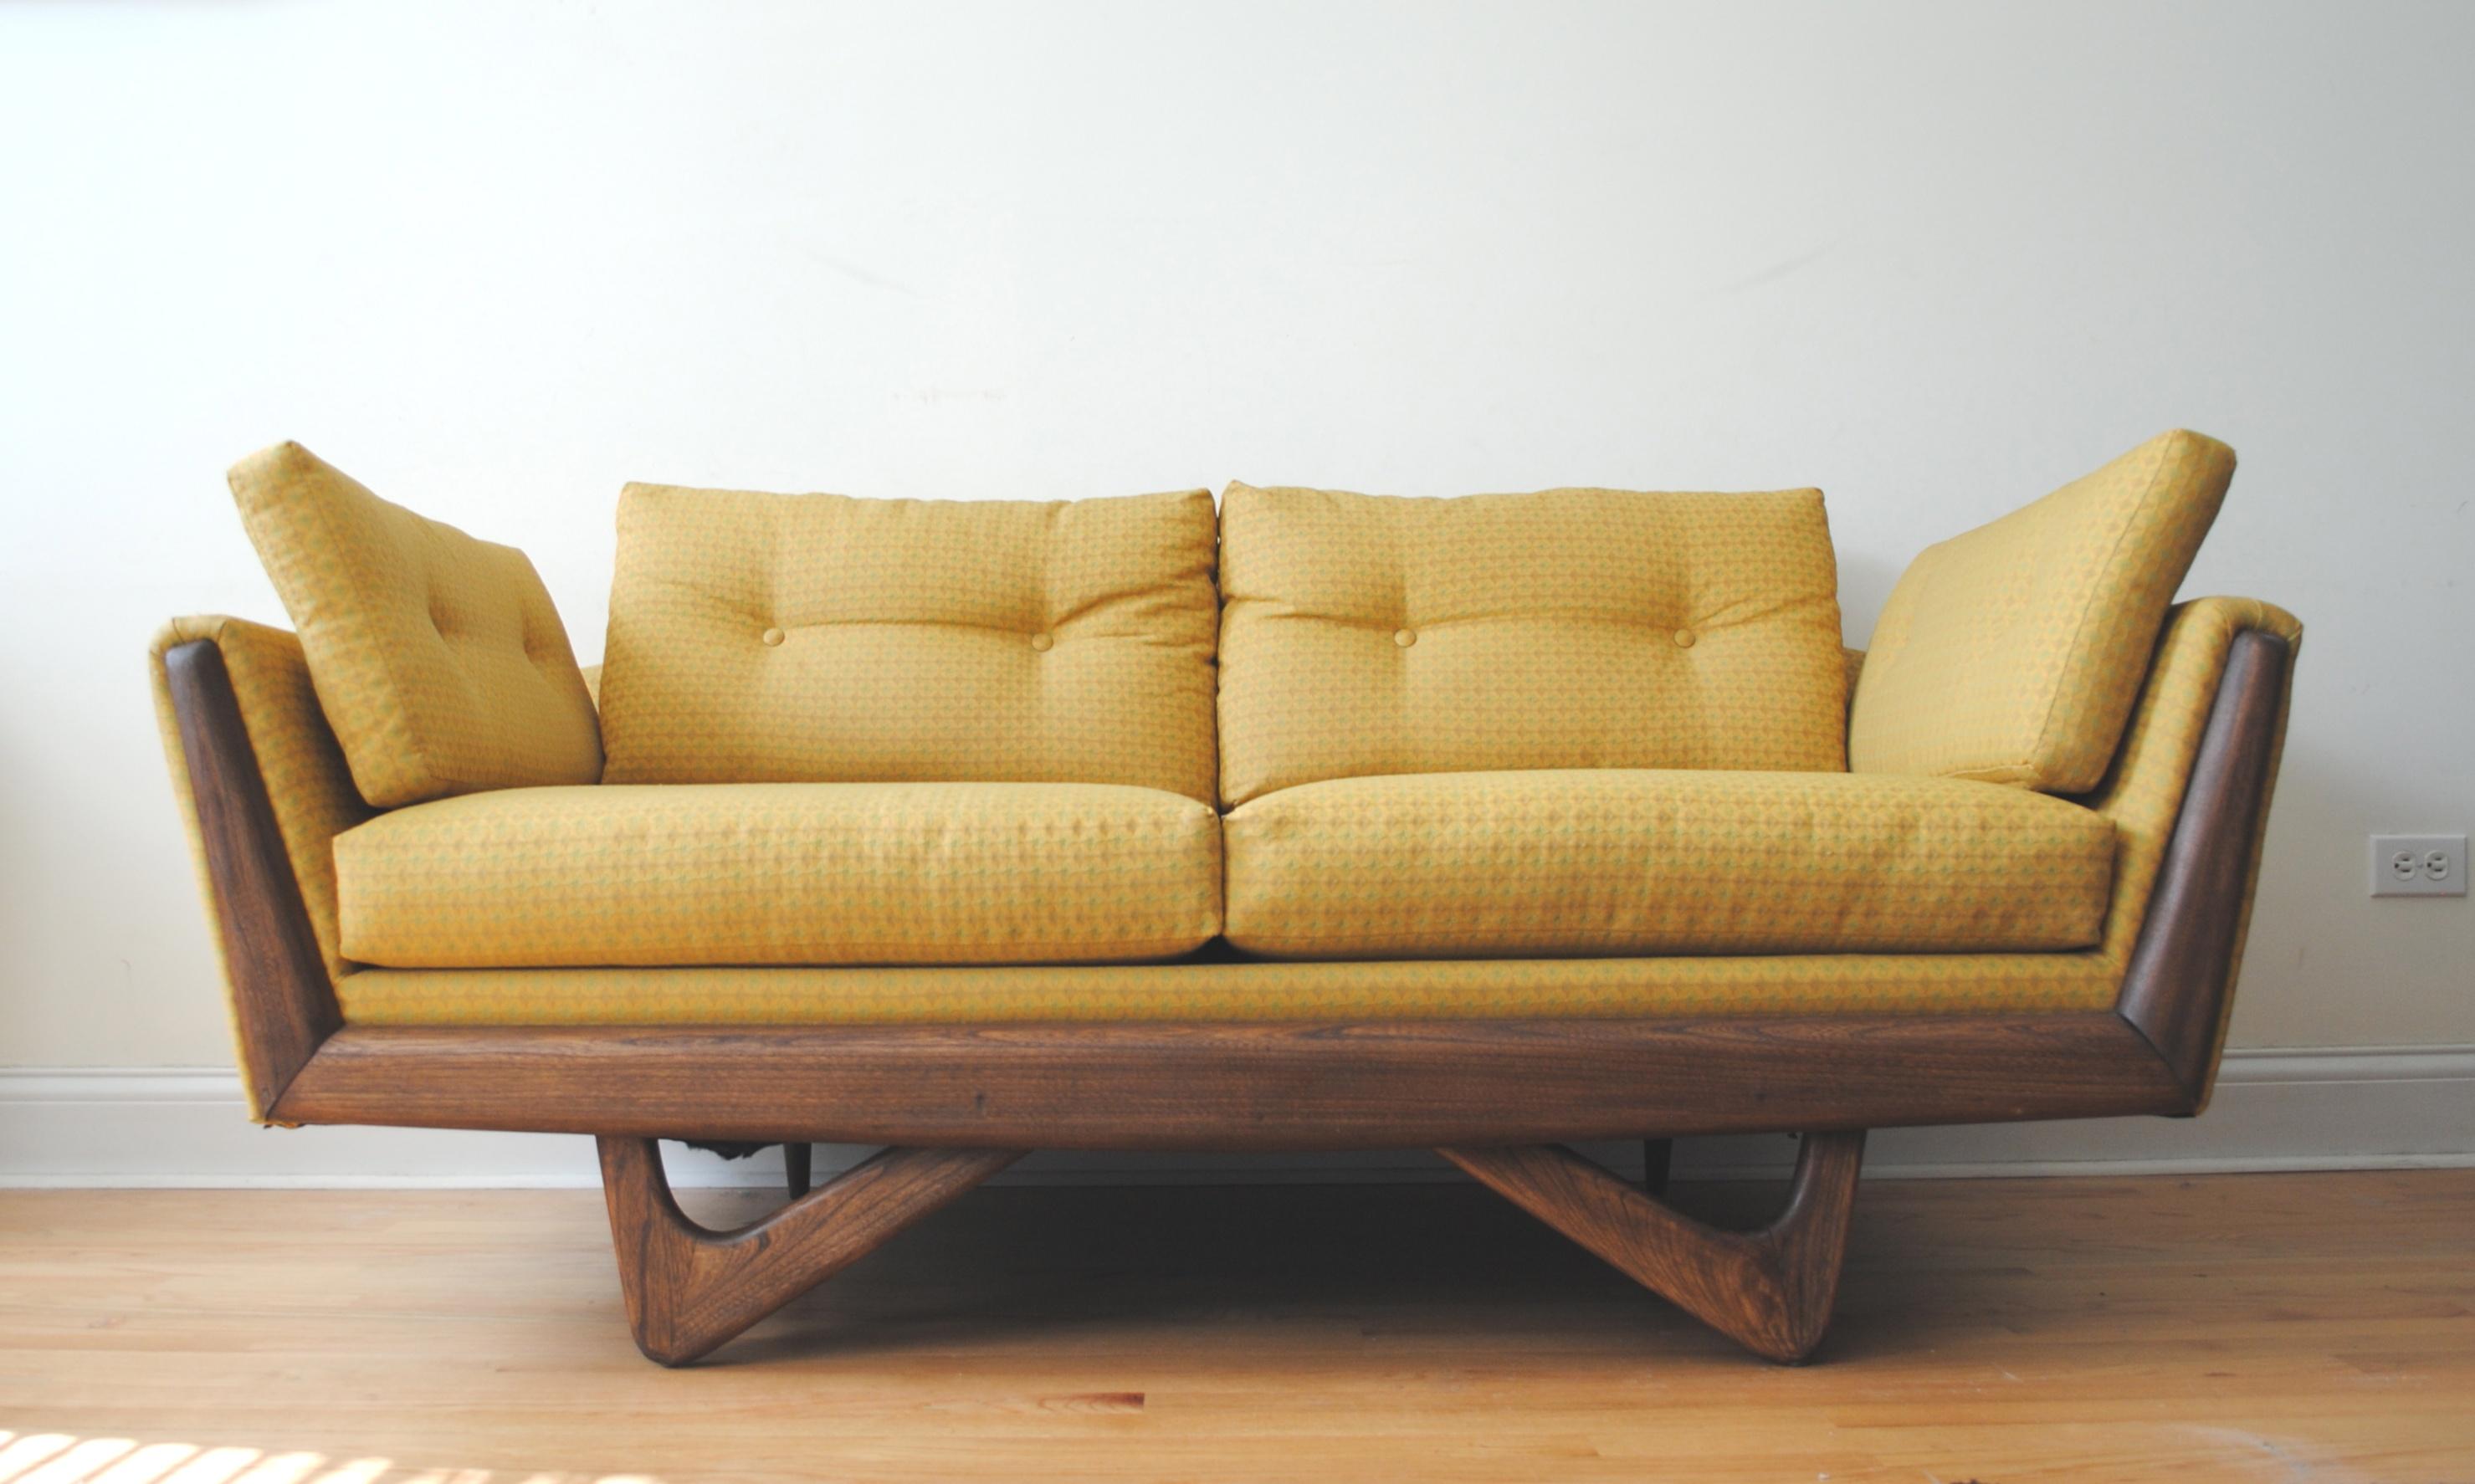 mid century modern loveseat | Mid Century Modern Adrian Pearsall Sofa | Phylum Furniture | mid century modern loveseat